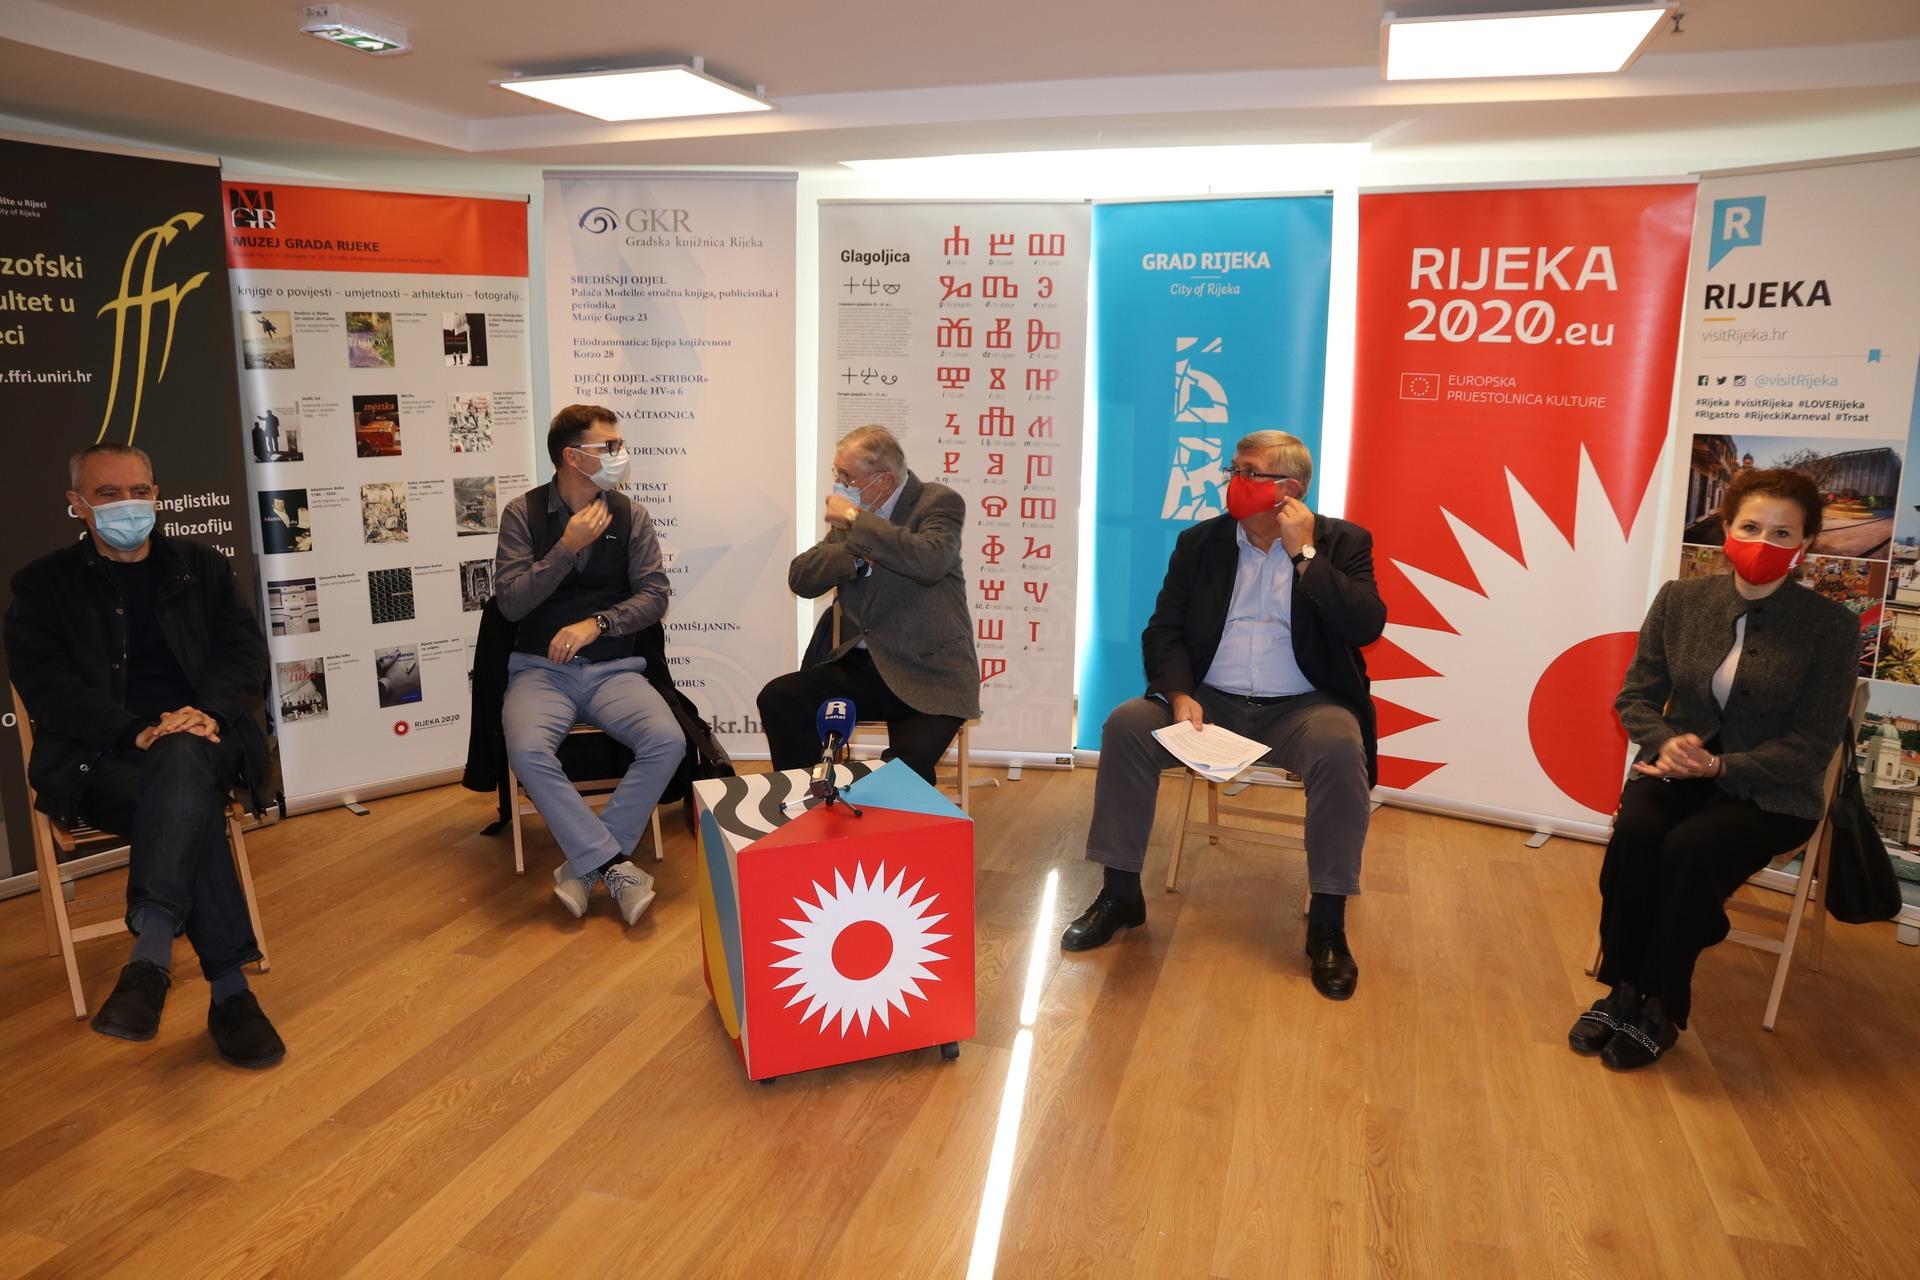 Velid Đekić, Niko Cvjetković, Srećko Jelušić, Vojko Obersnel i Irena Kregar Šegota na konferenciji za medije